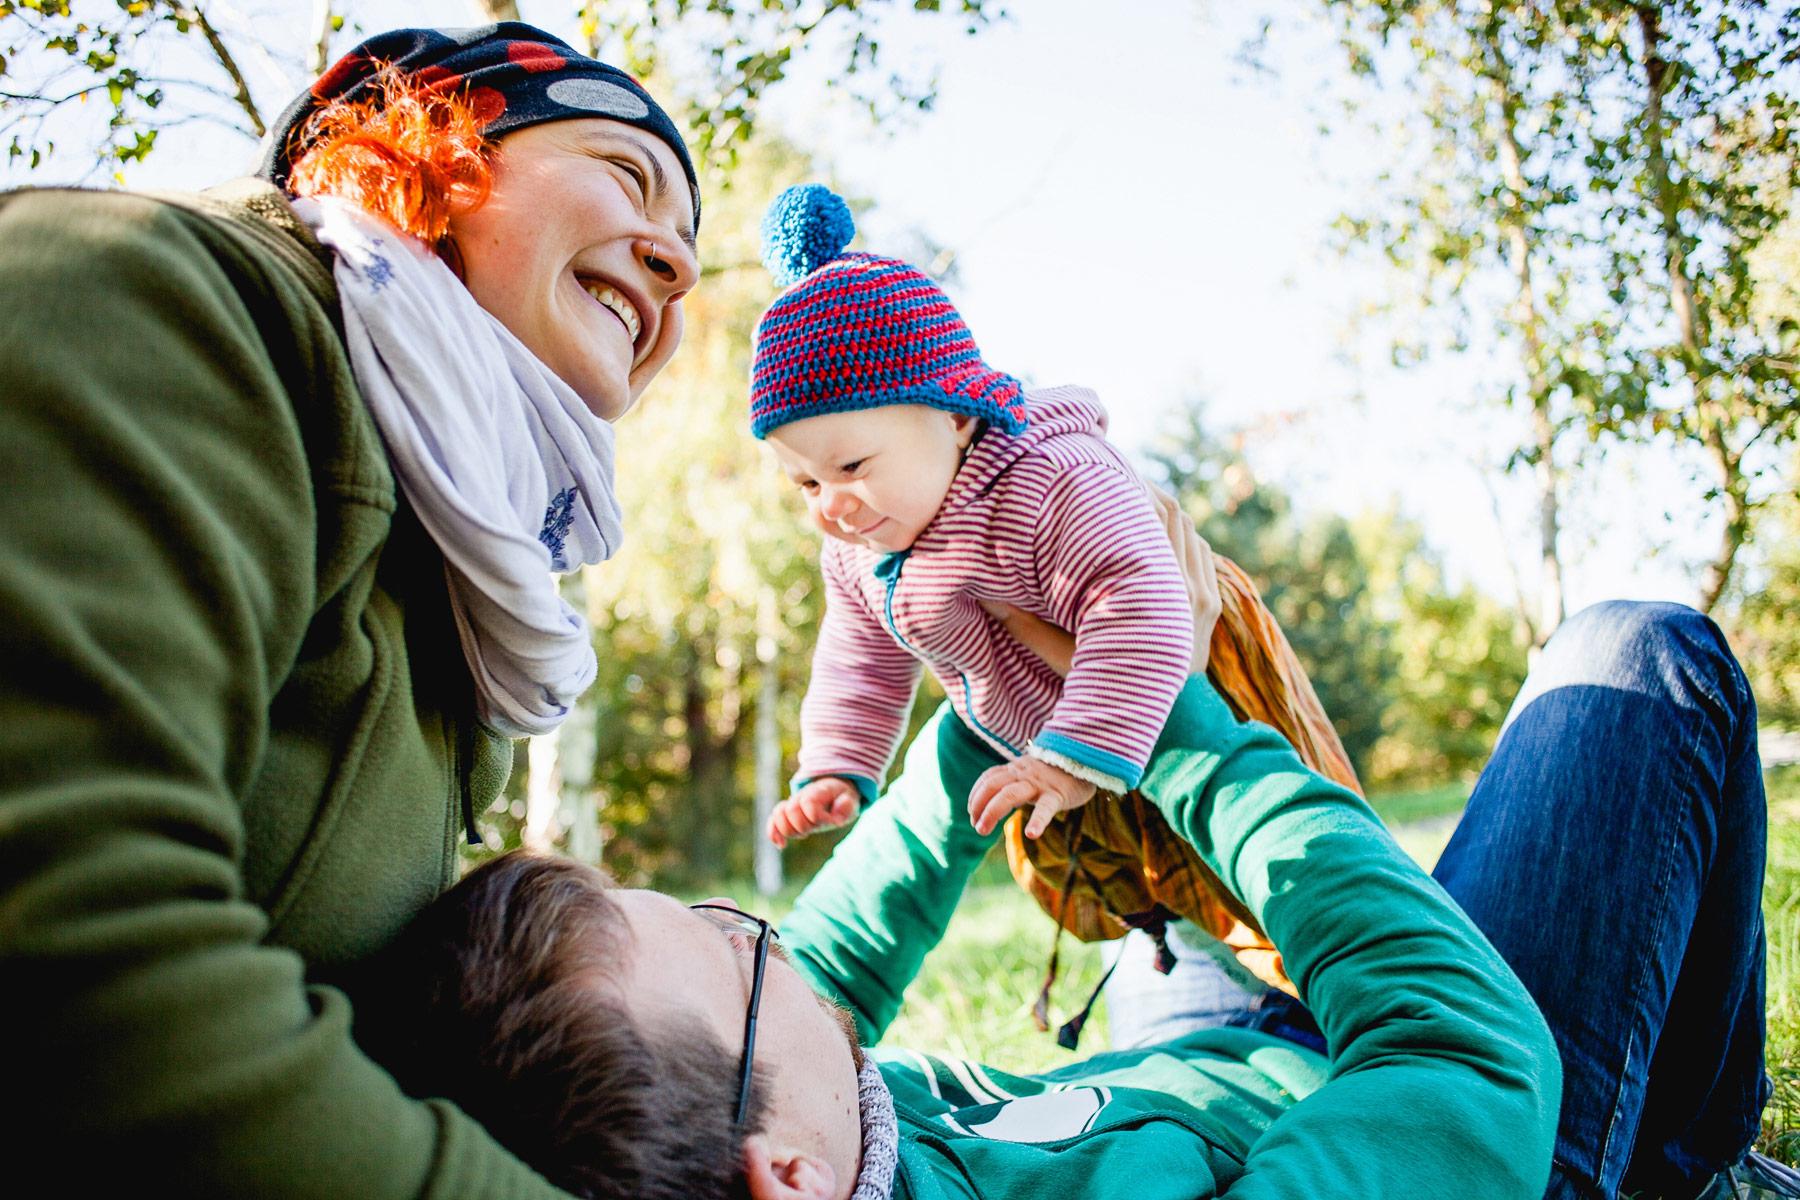 kleines Kind wird von seinem liegenden Papa hoch gehalten, während Mama lächelnd Papas Kopf in ihrem Schoß hält